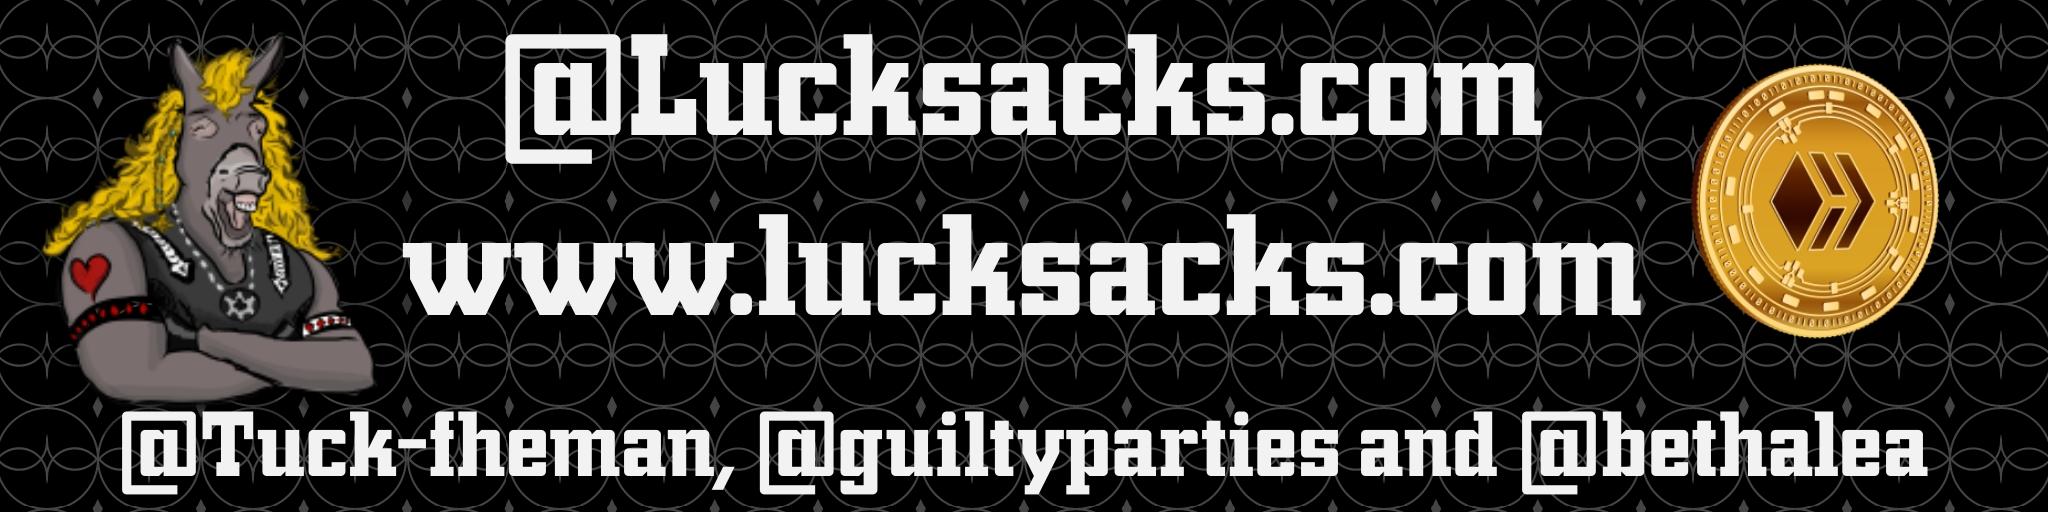 Lucksacks banner.jpg